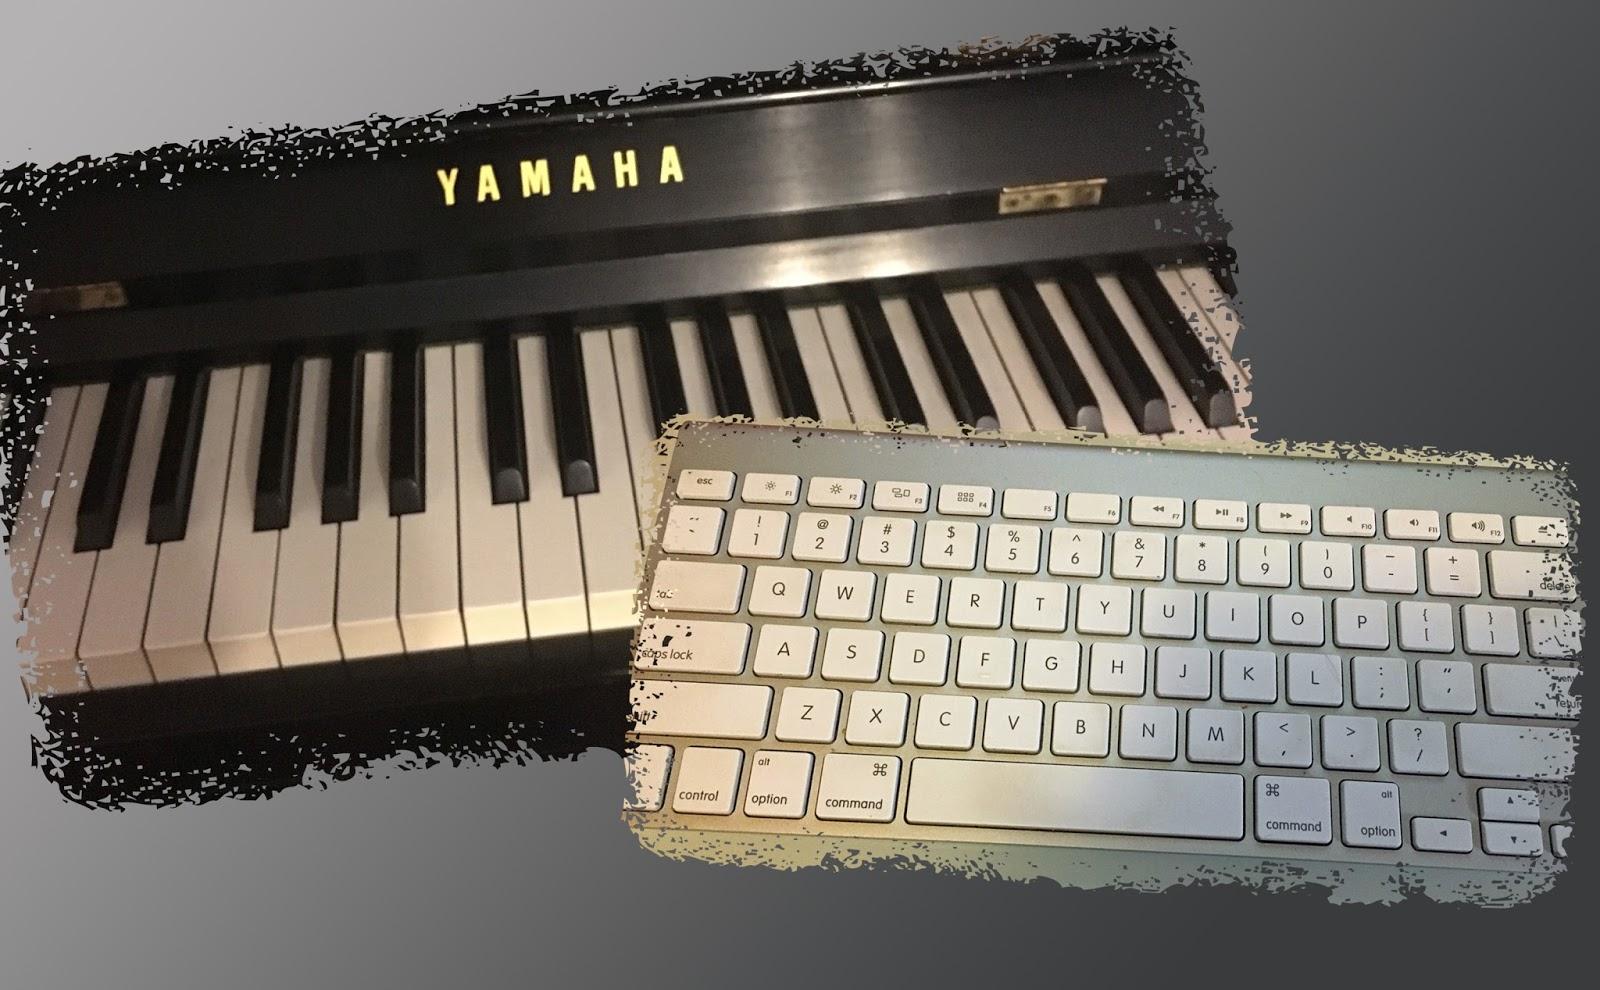 Old School Keyboarding: 20-1-7 Challenge Week #16